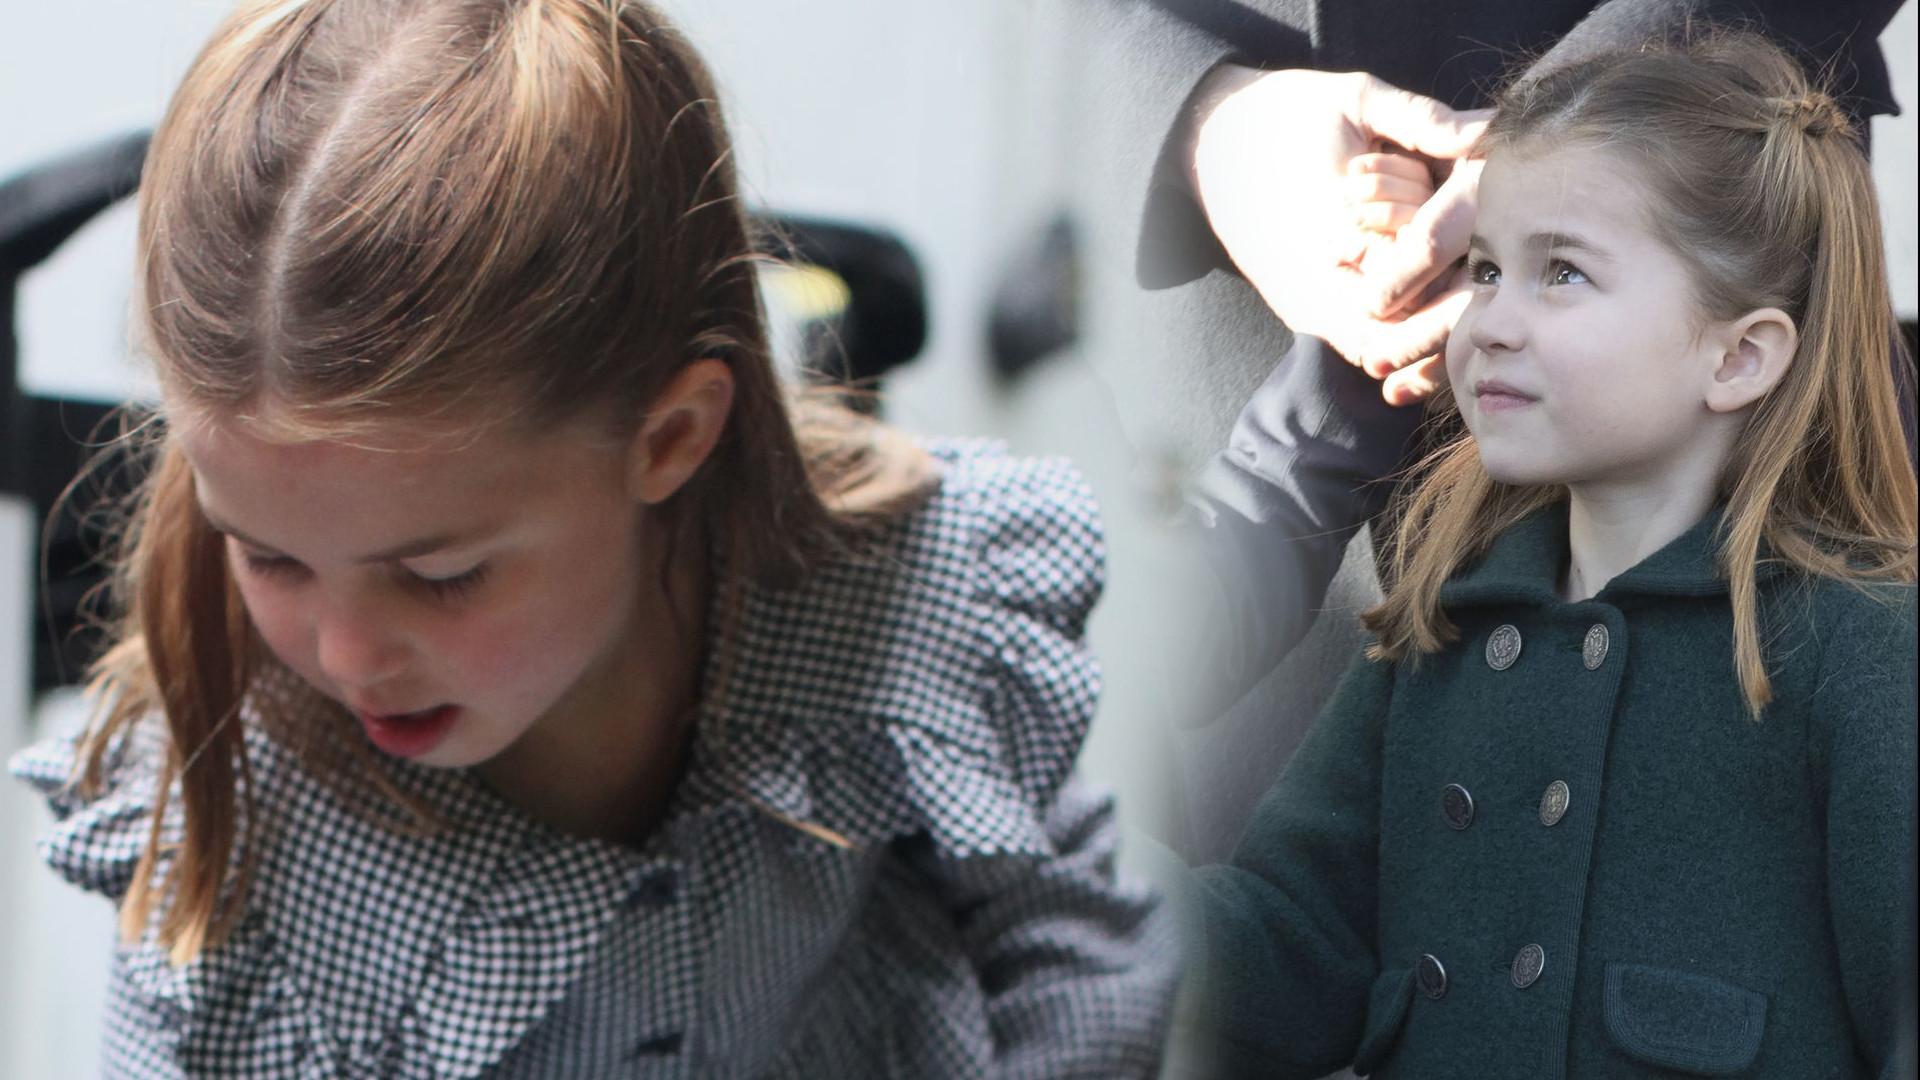 Księżniczka Charlotte zdradziła, kim chce zostać w przyszłości. Rodzice pękają z dumy